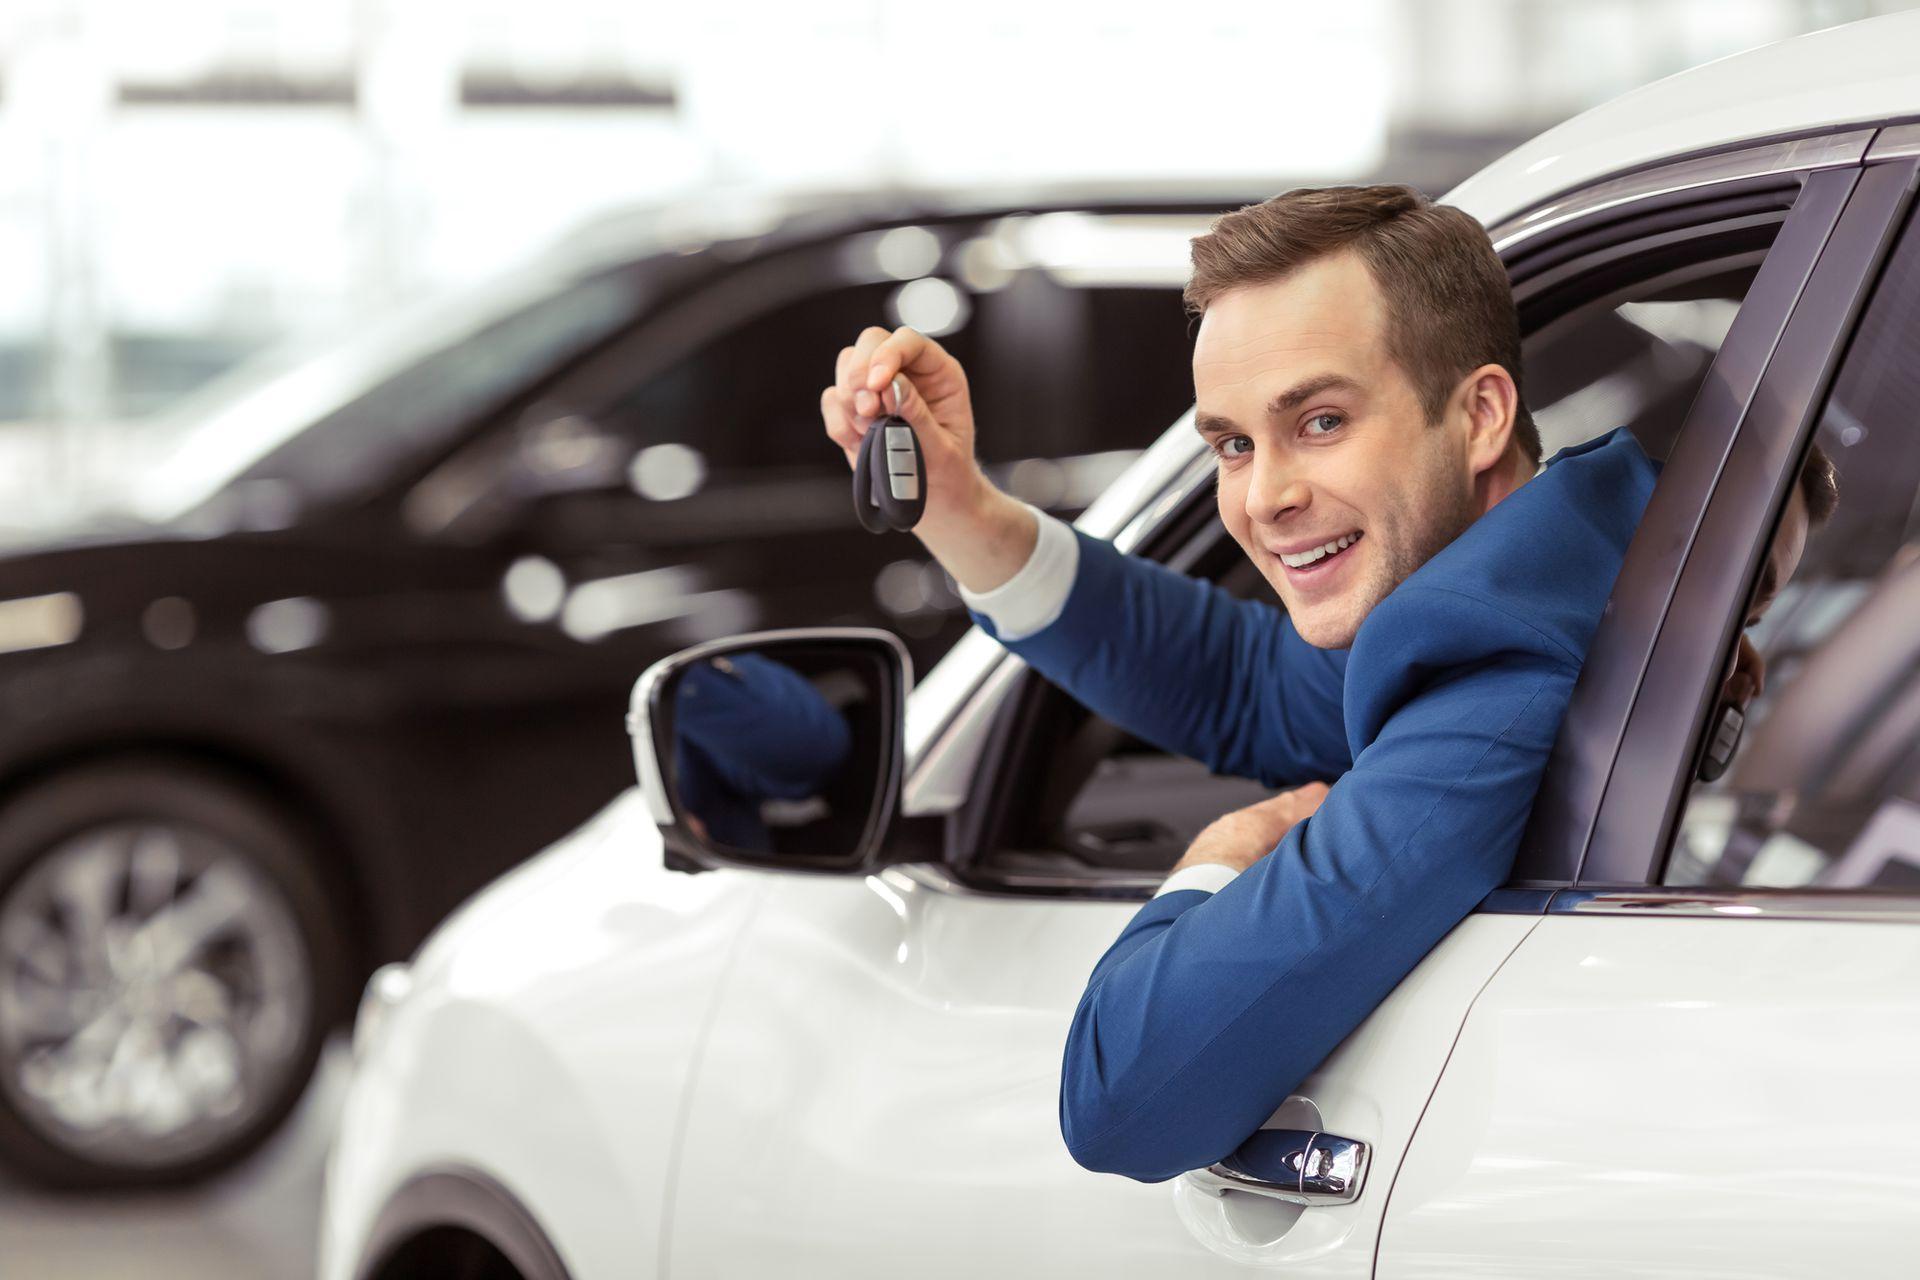 Средний срок владения россиянами автомобилей составил 4,8 года